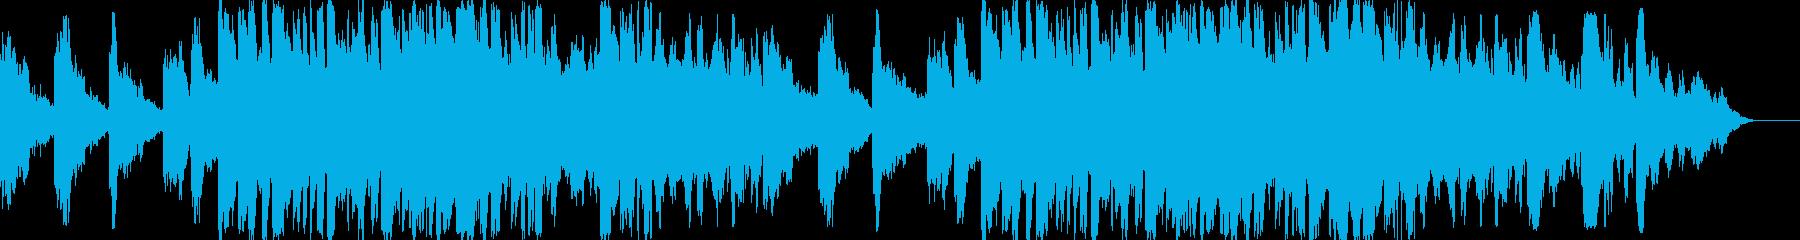 緊迫した雰囲気のピアノ曲の再生済みの波形